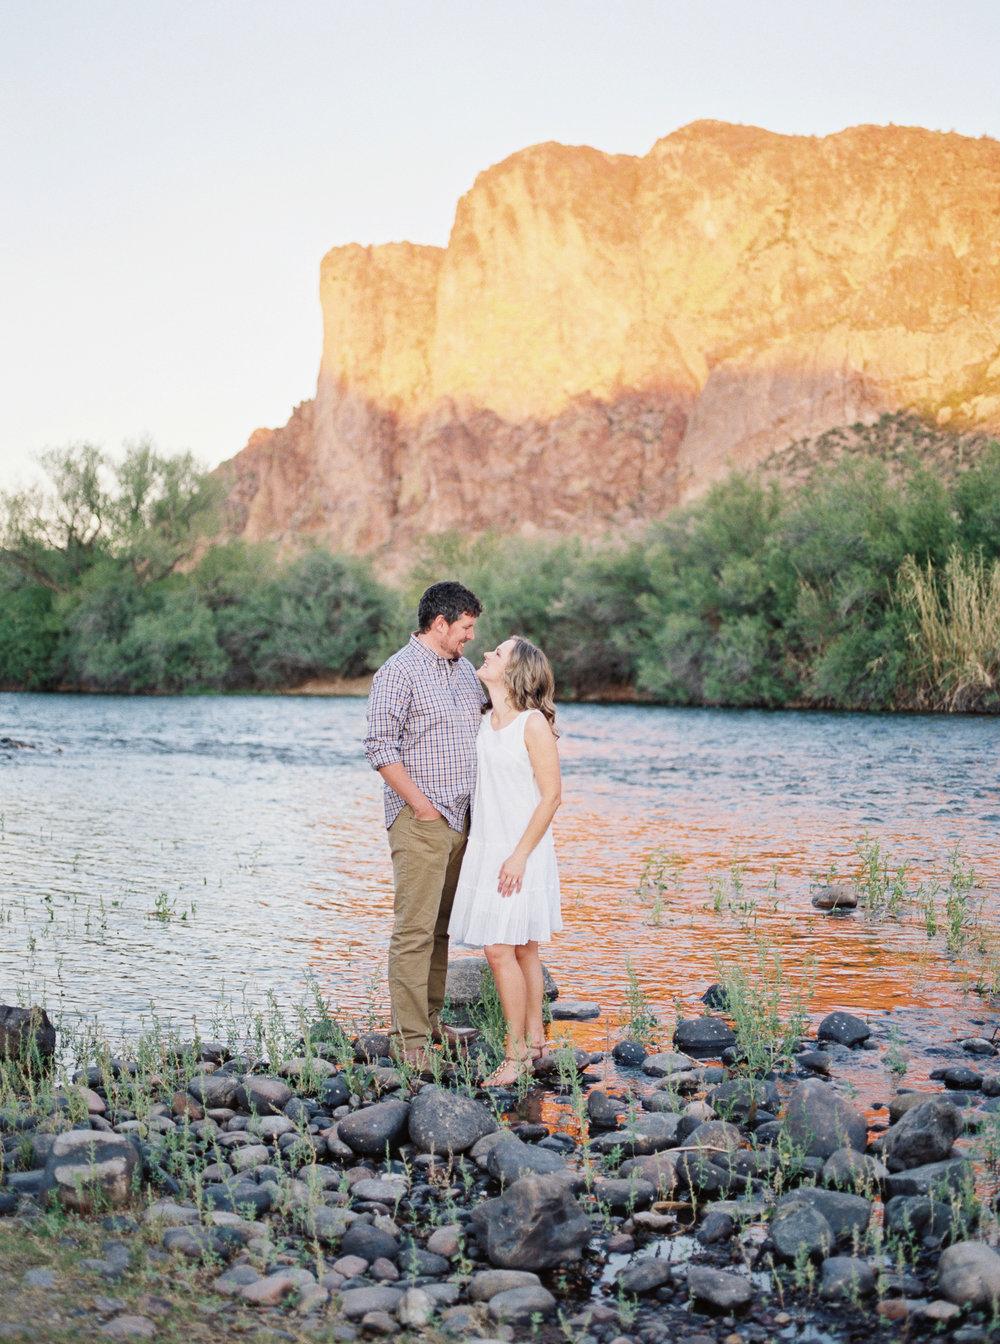 Sarah Jane Photography Engagement Salt River Bonnie Josh-24.JPG